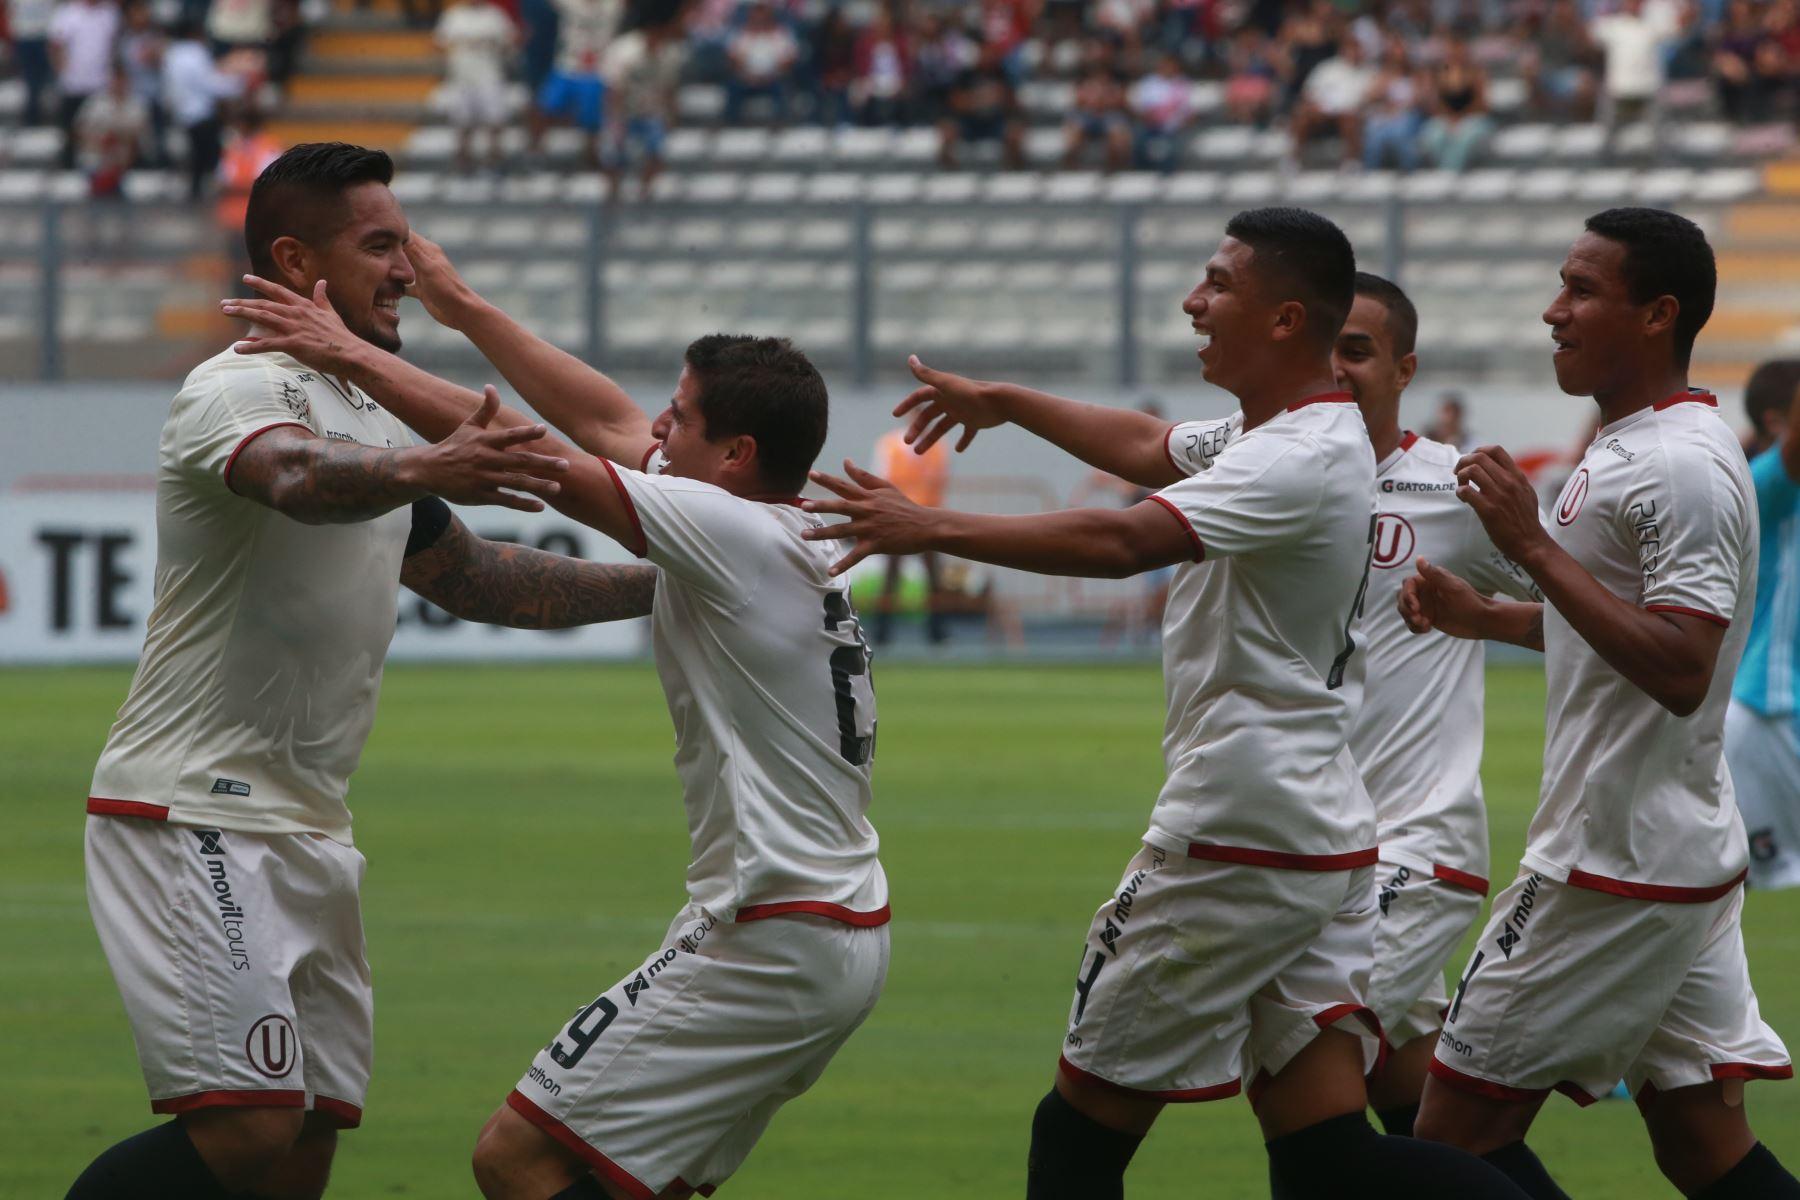 Juan Vargas y Aldo Corzo de Universitario celebran el gol contra Sporting Cristal, en el Estado Nacional . Foto:ANDINA/ Jhony Laurente